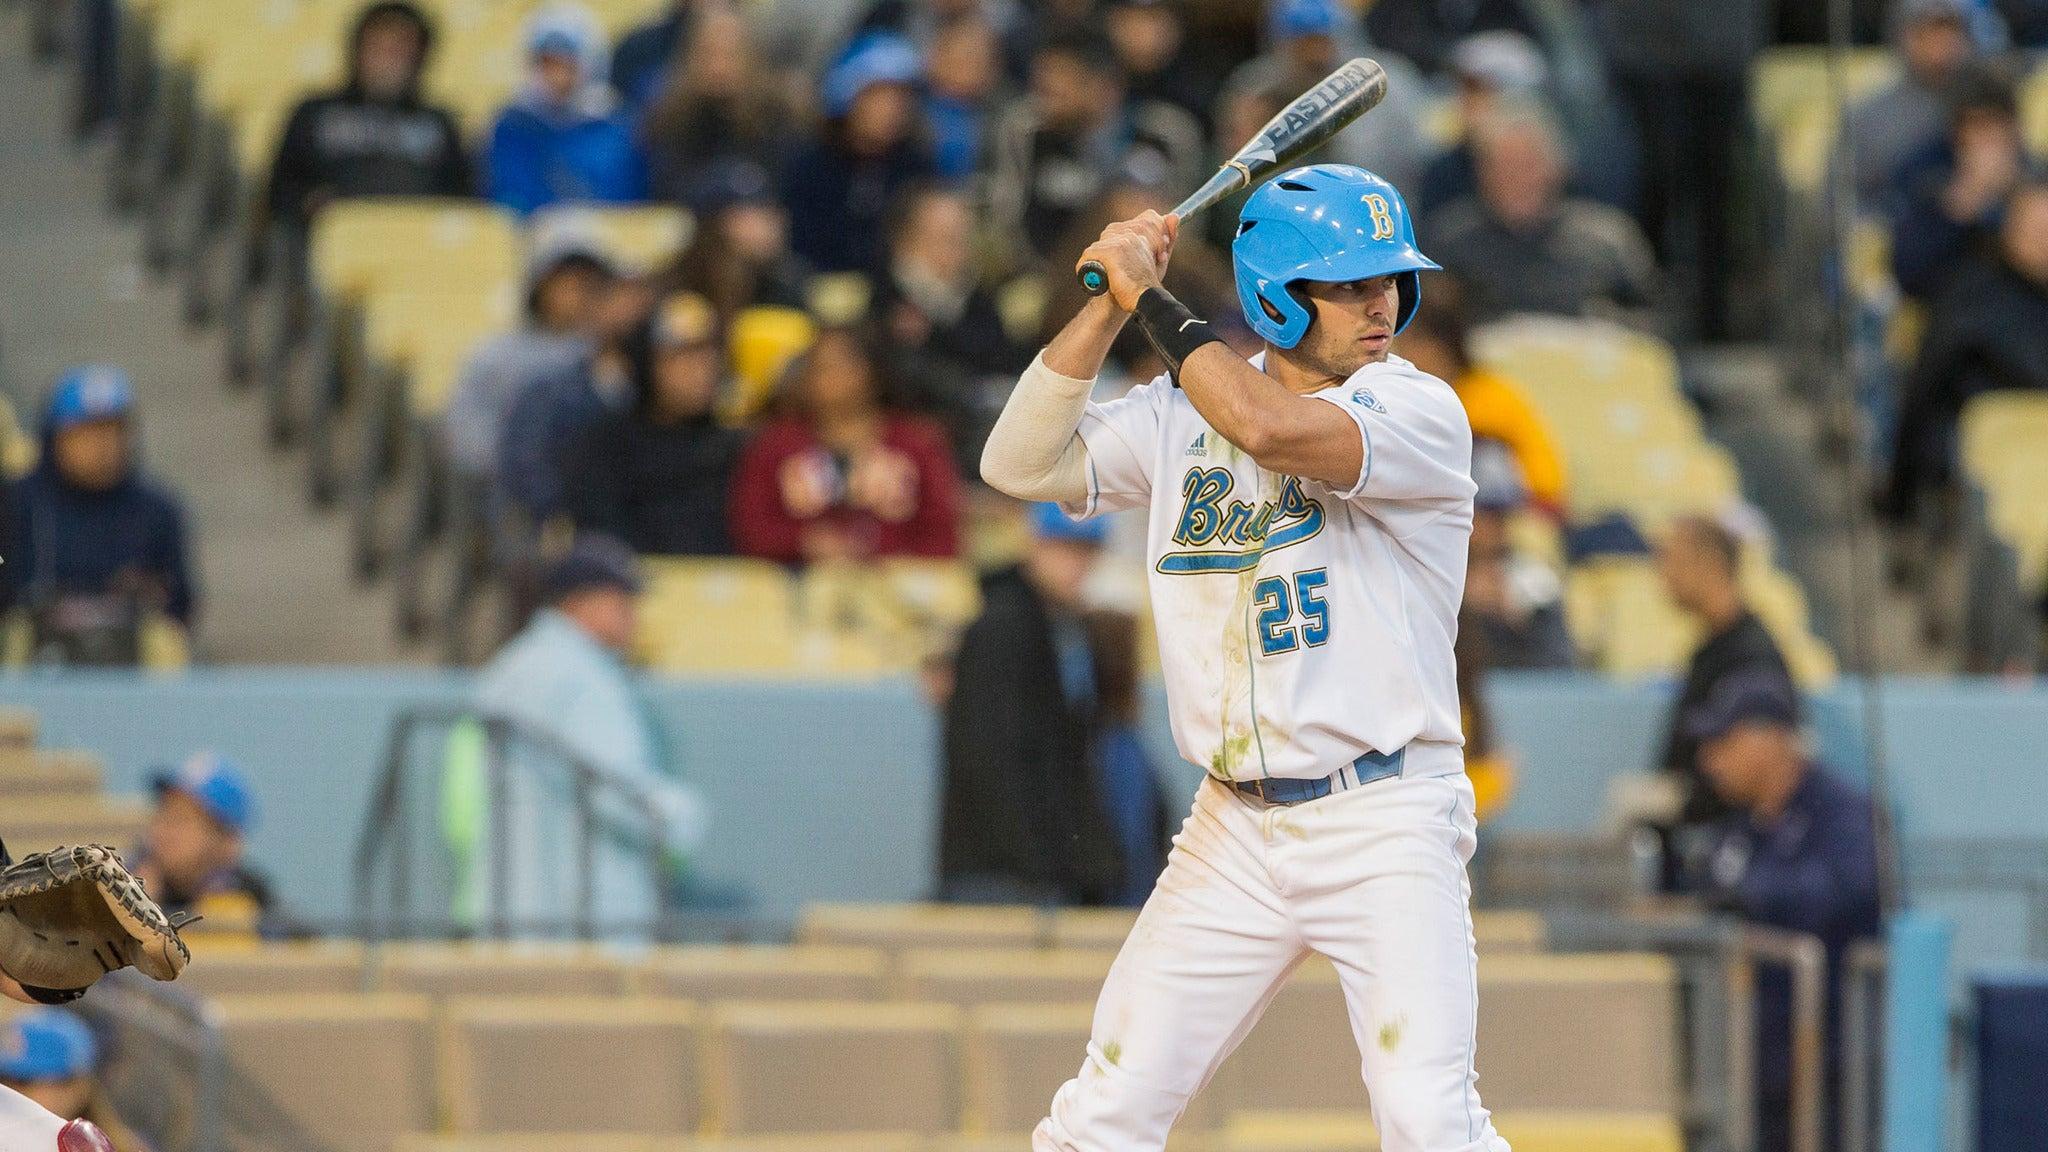 UCLA Bruins Baseball vs. Baylor Baseball - Los Angeles, CA 90049